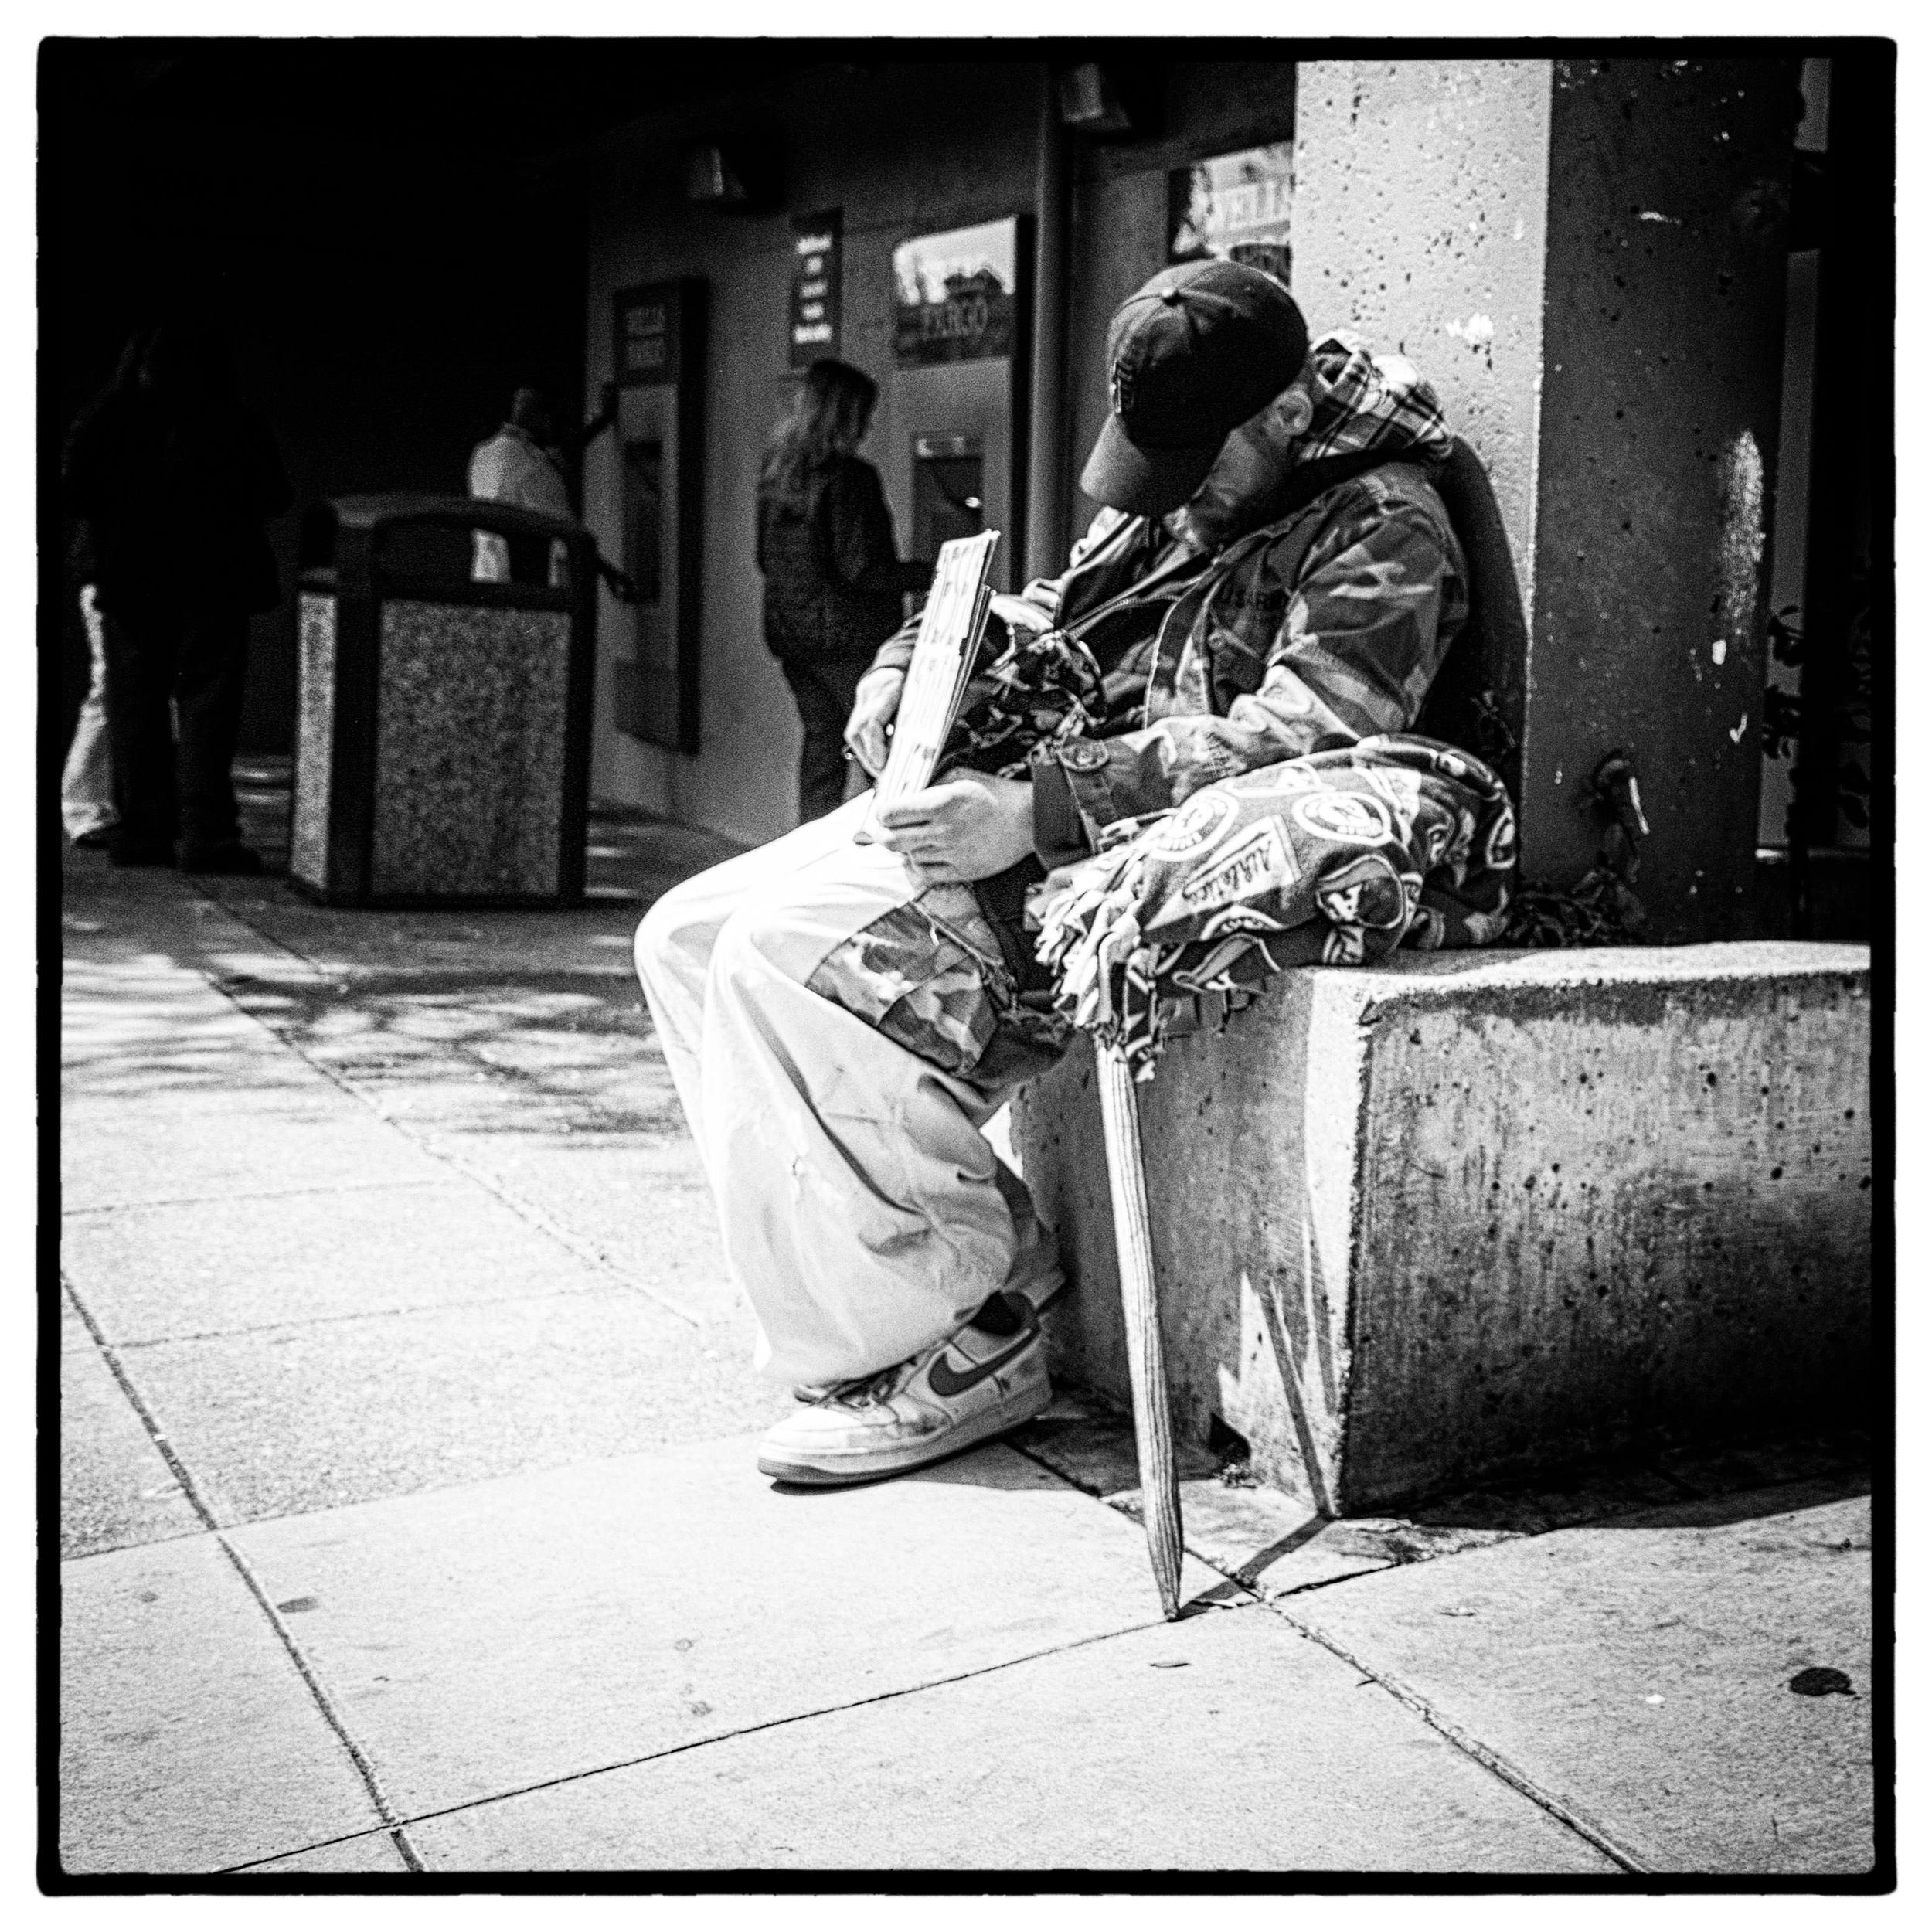 Oakland, CA (April 2016)